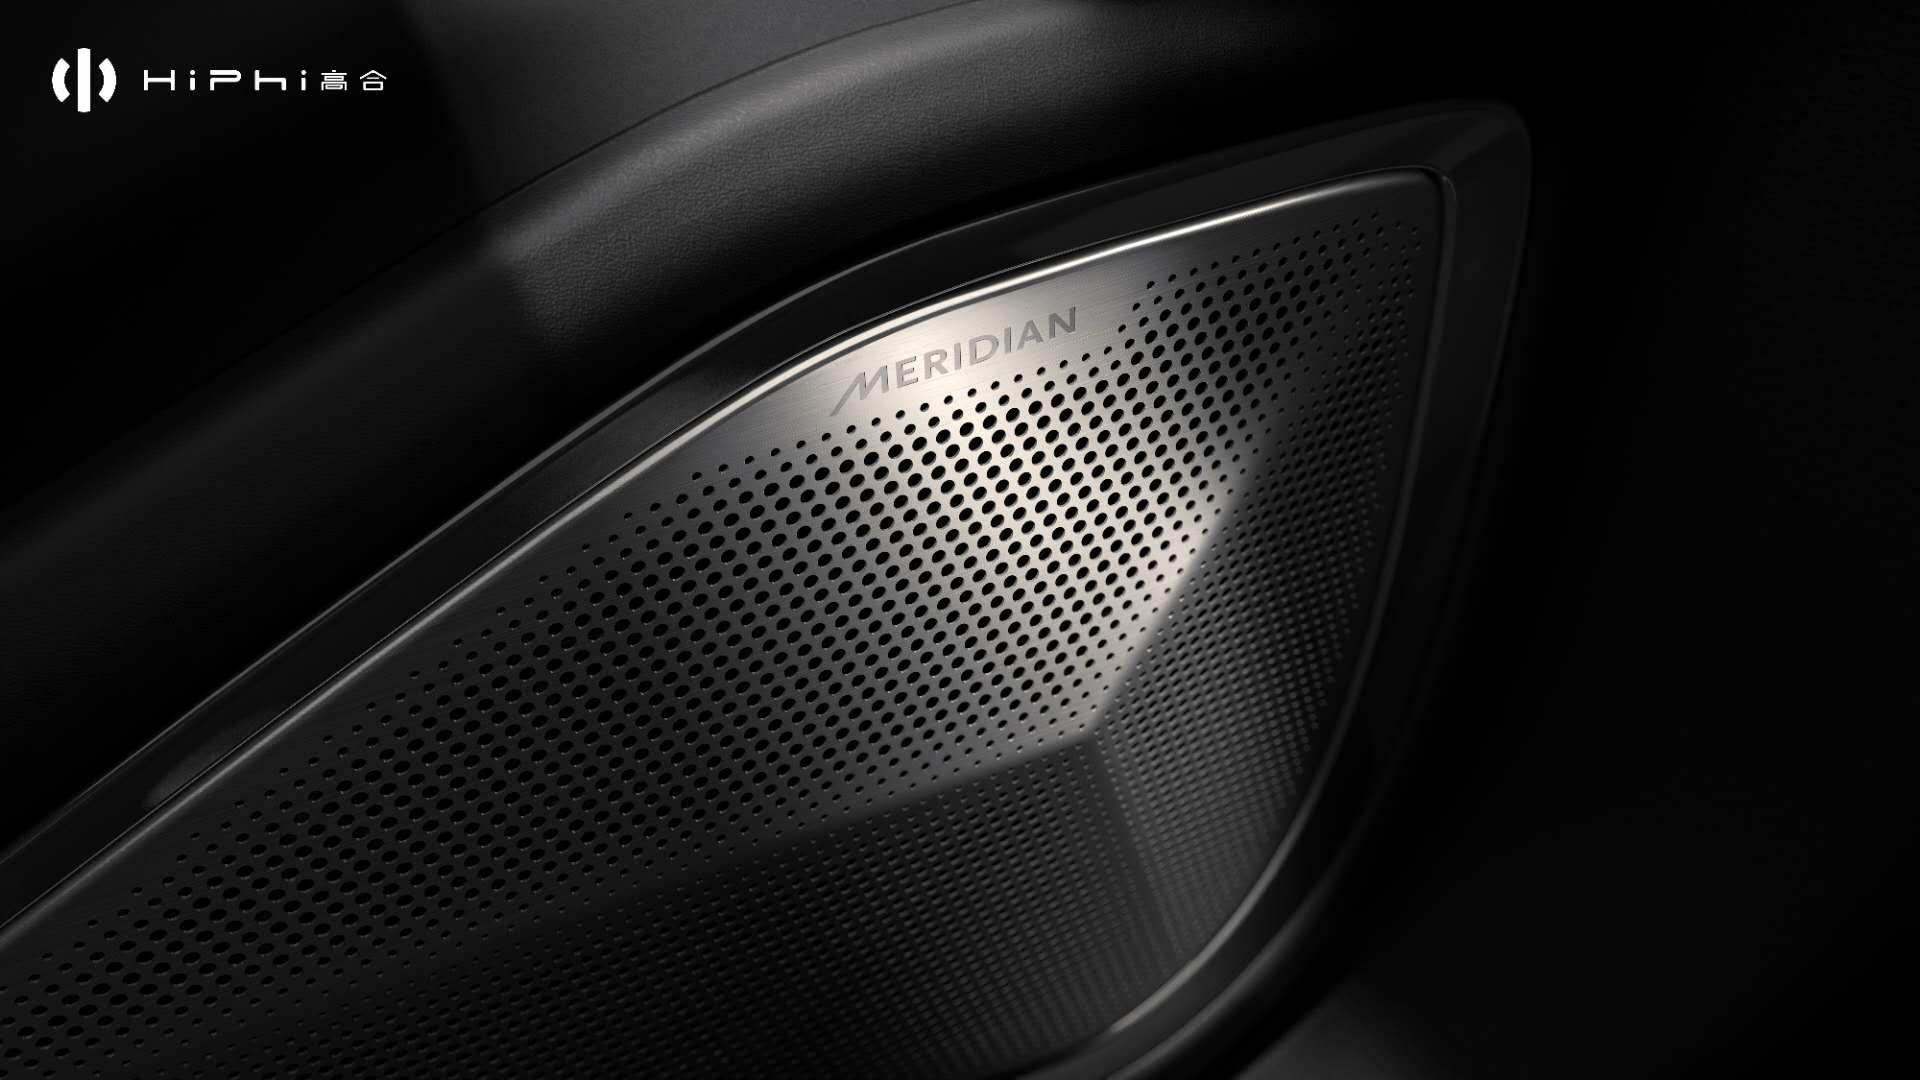 英国之宝助力高合汽车HiPhi X - 顶级音响Meridian 专供中国品牌